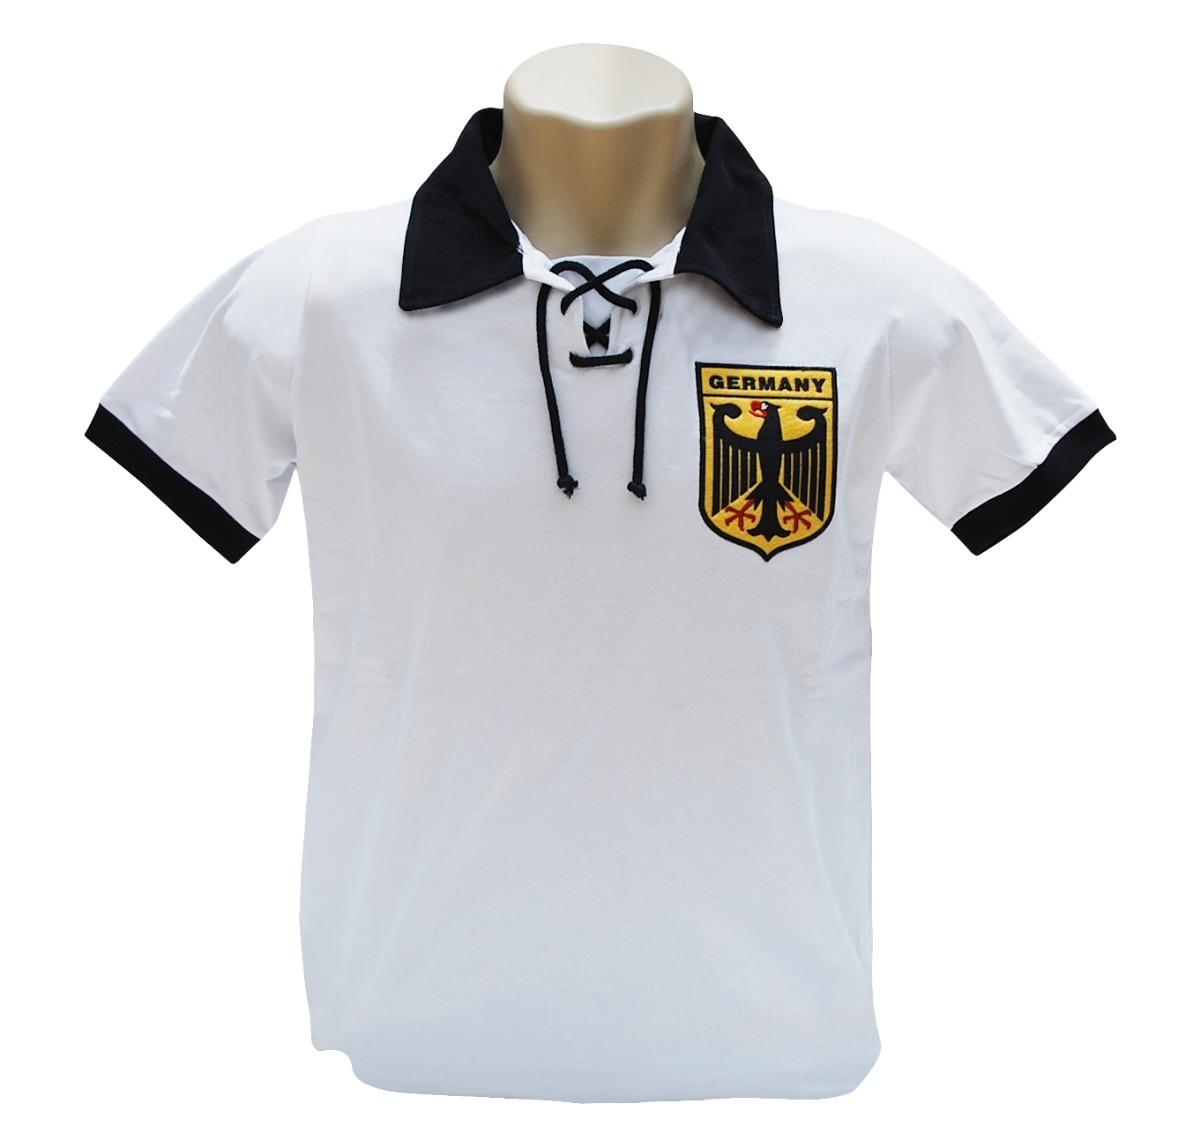 a9434112c40fe camiseta retrô seleção alemanha 1974 - torcida retrô. Carregando zoom.